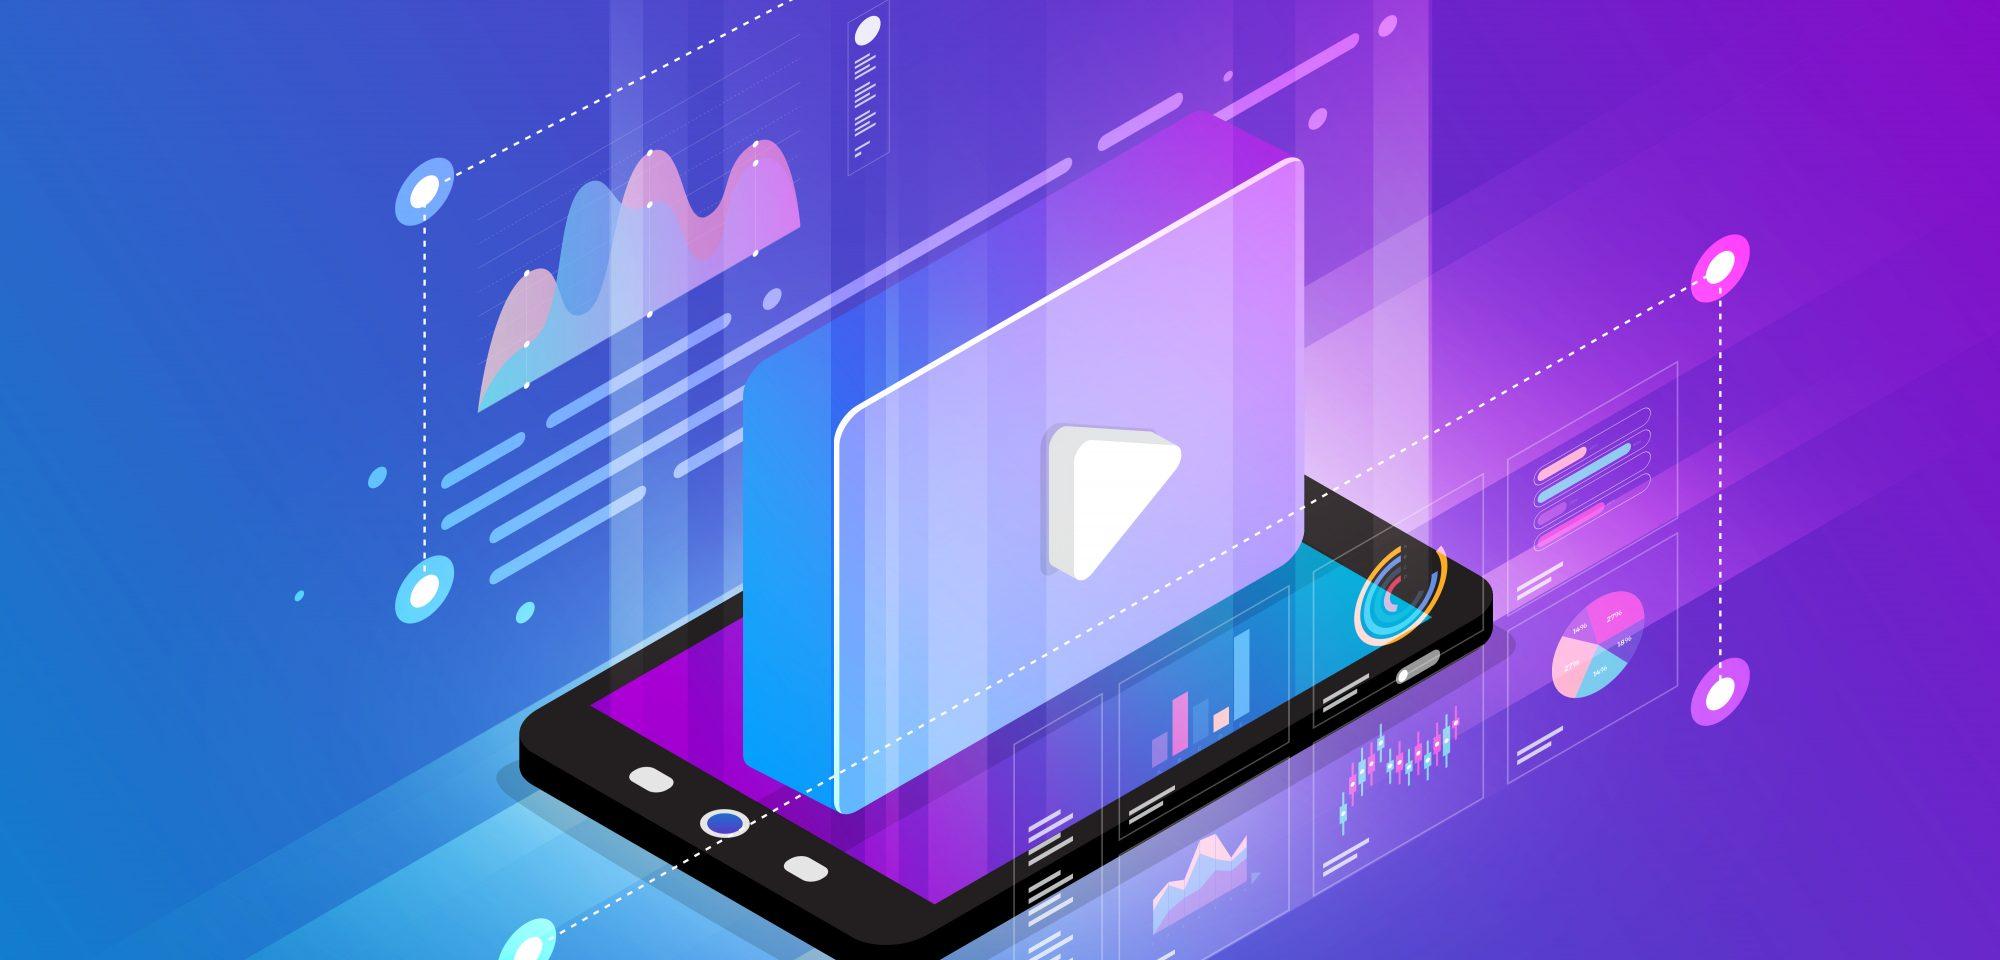 DIE ERKLÄRVIDEO AGENTUR ERKLÄRFILM PRODUKTION cropped-video_marketing_strategie-01-2